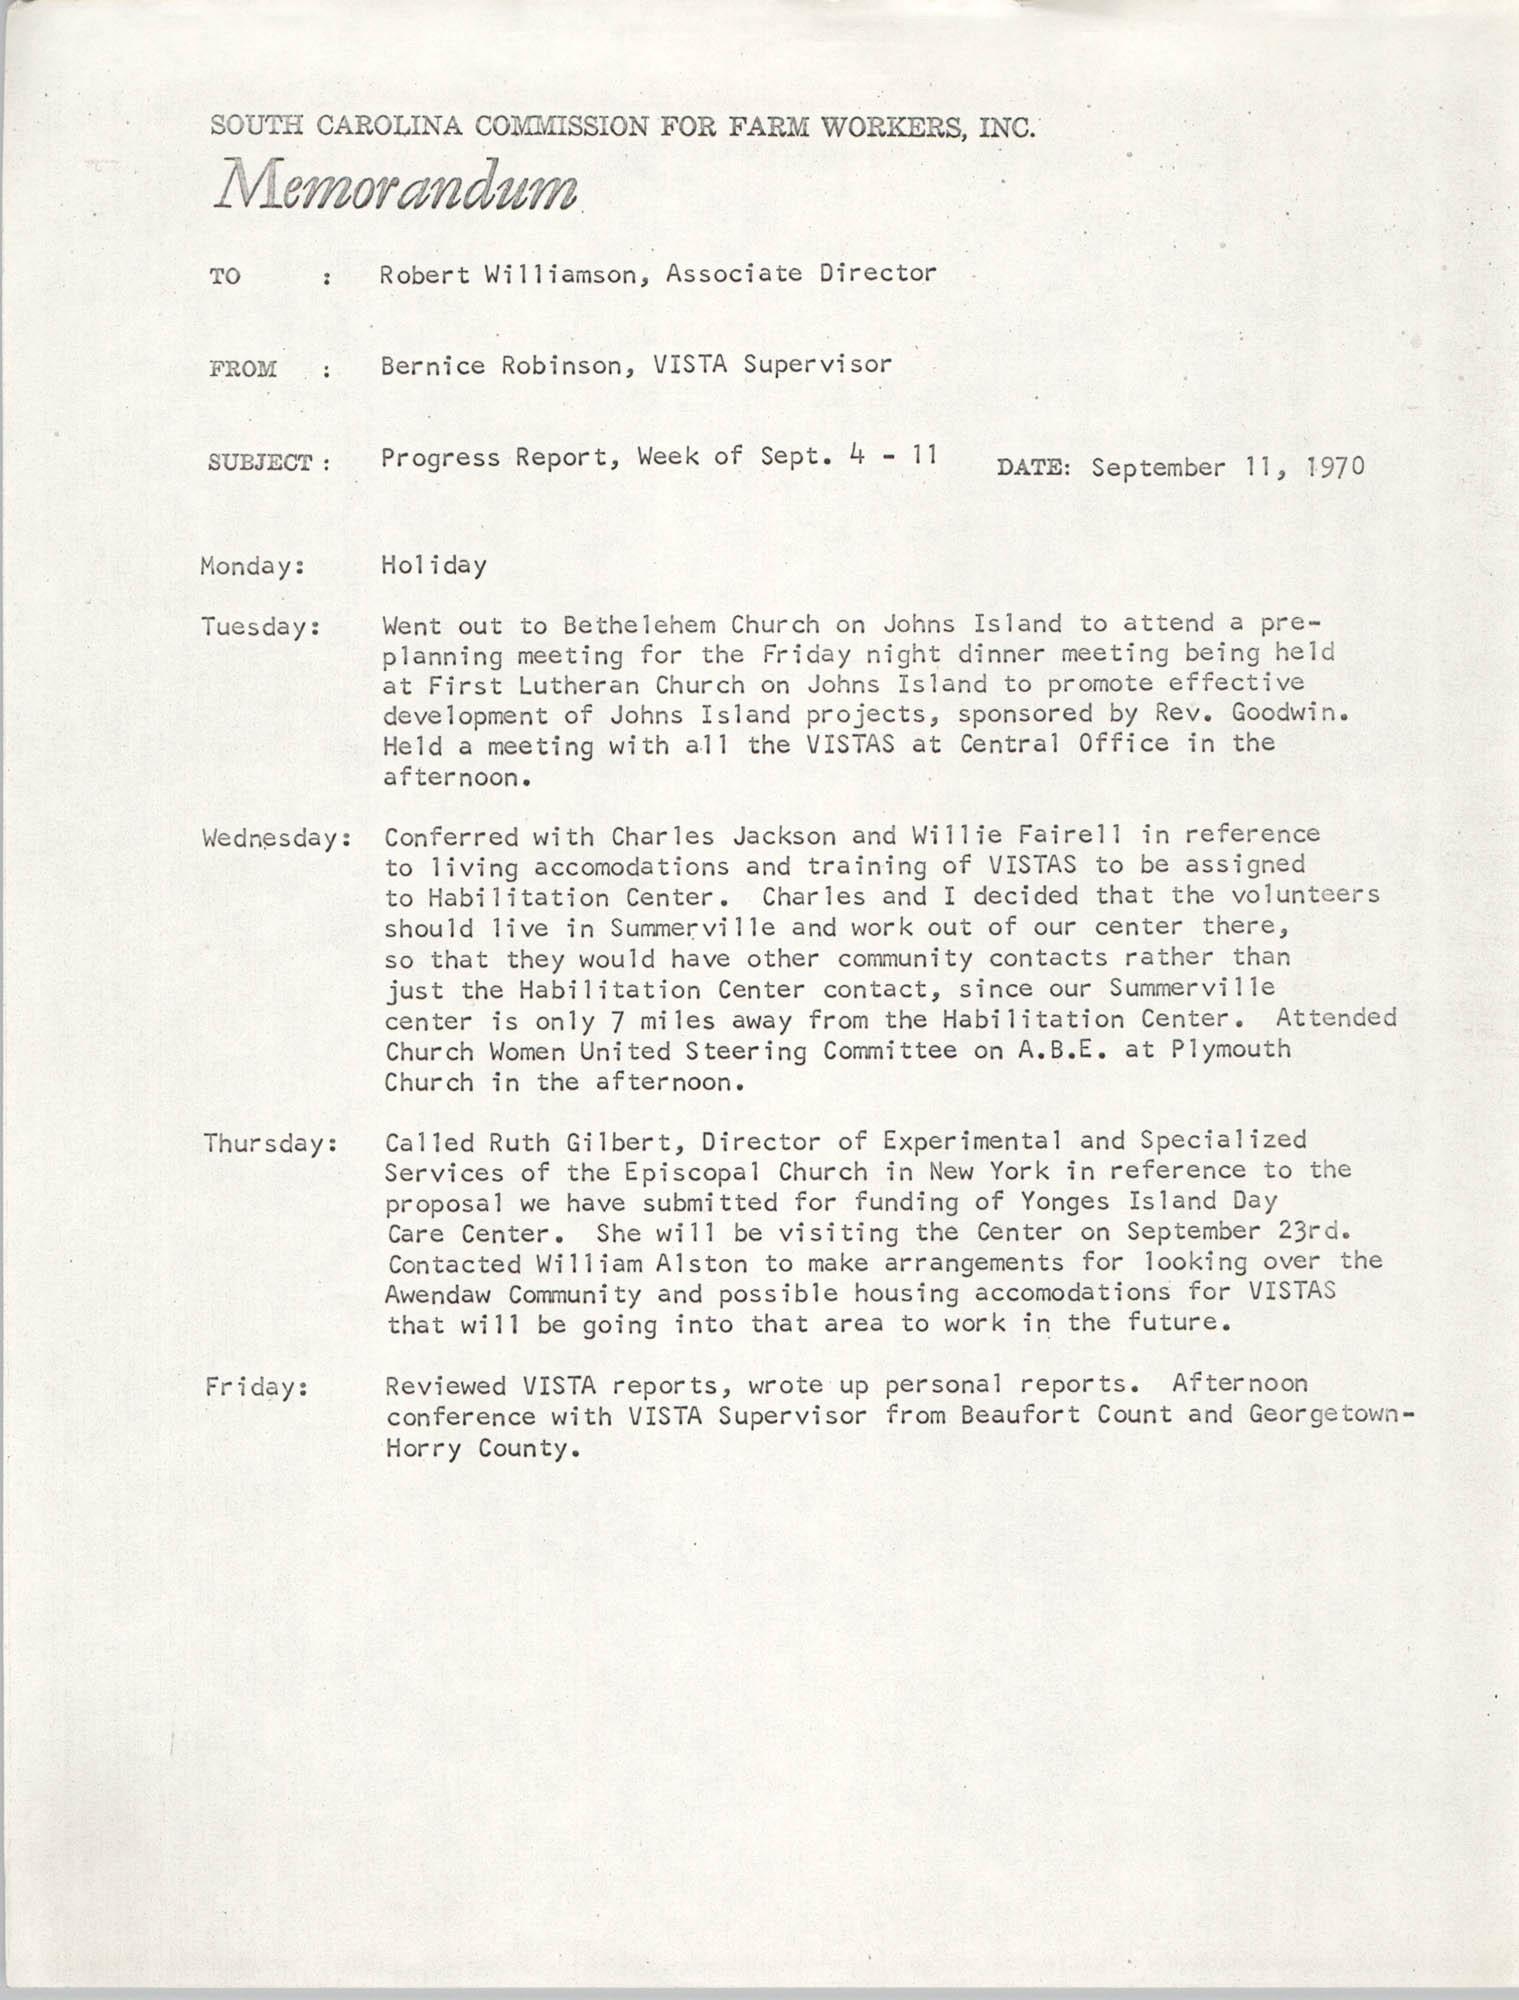 Memorandum from Bernice V. Robinson to Robert Williamson, September 11, 1970